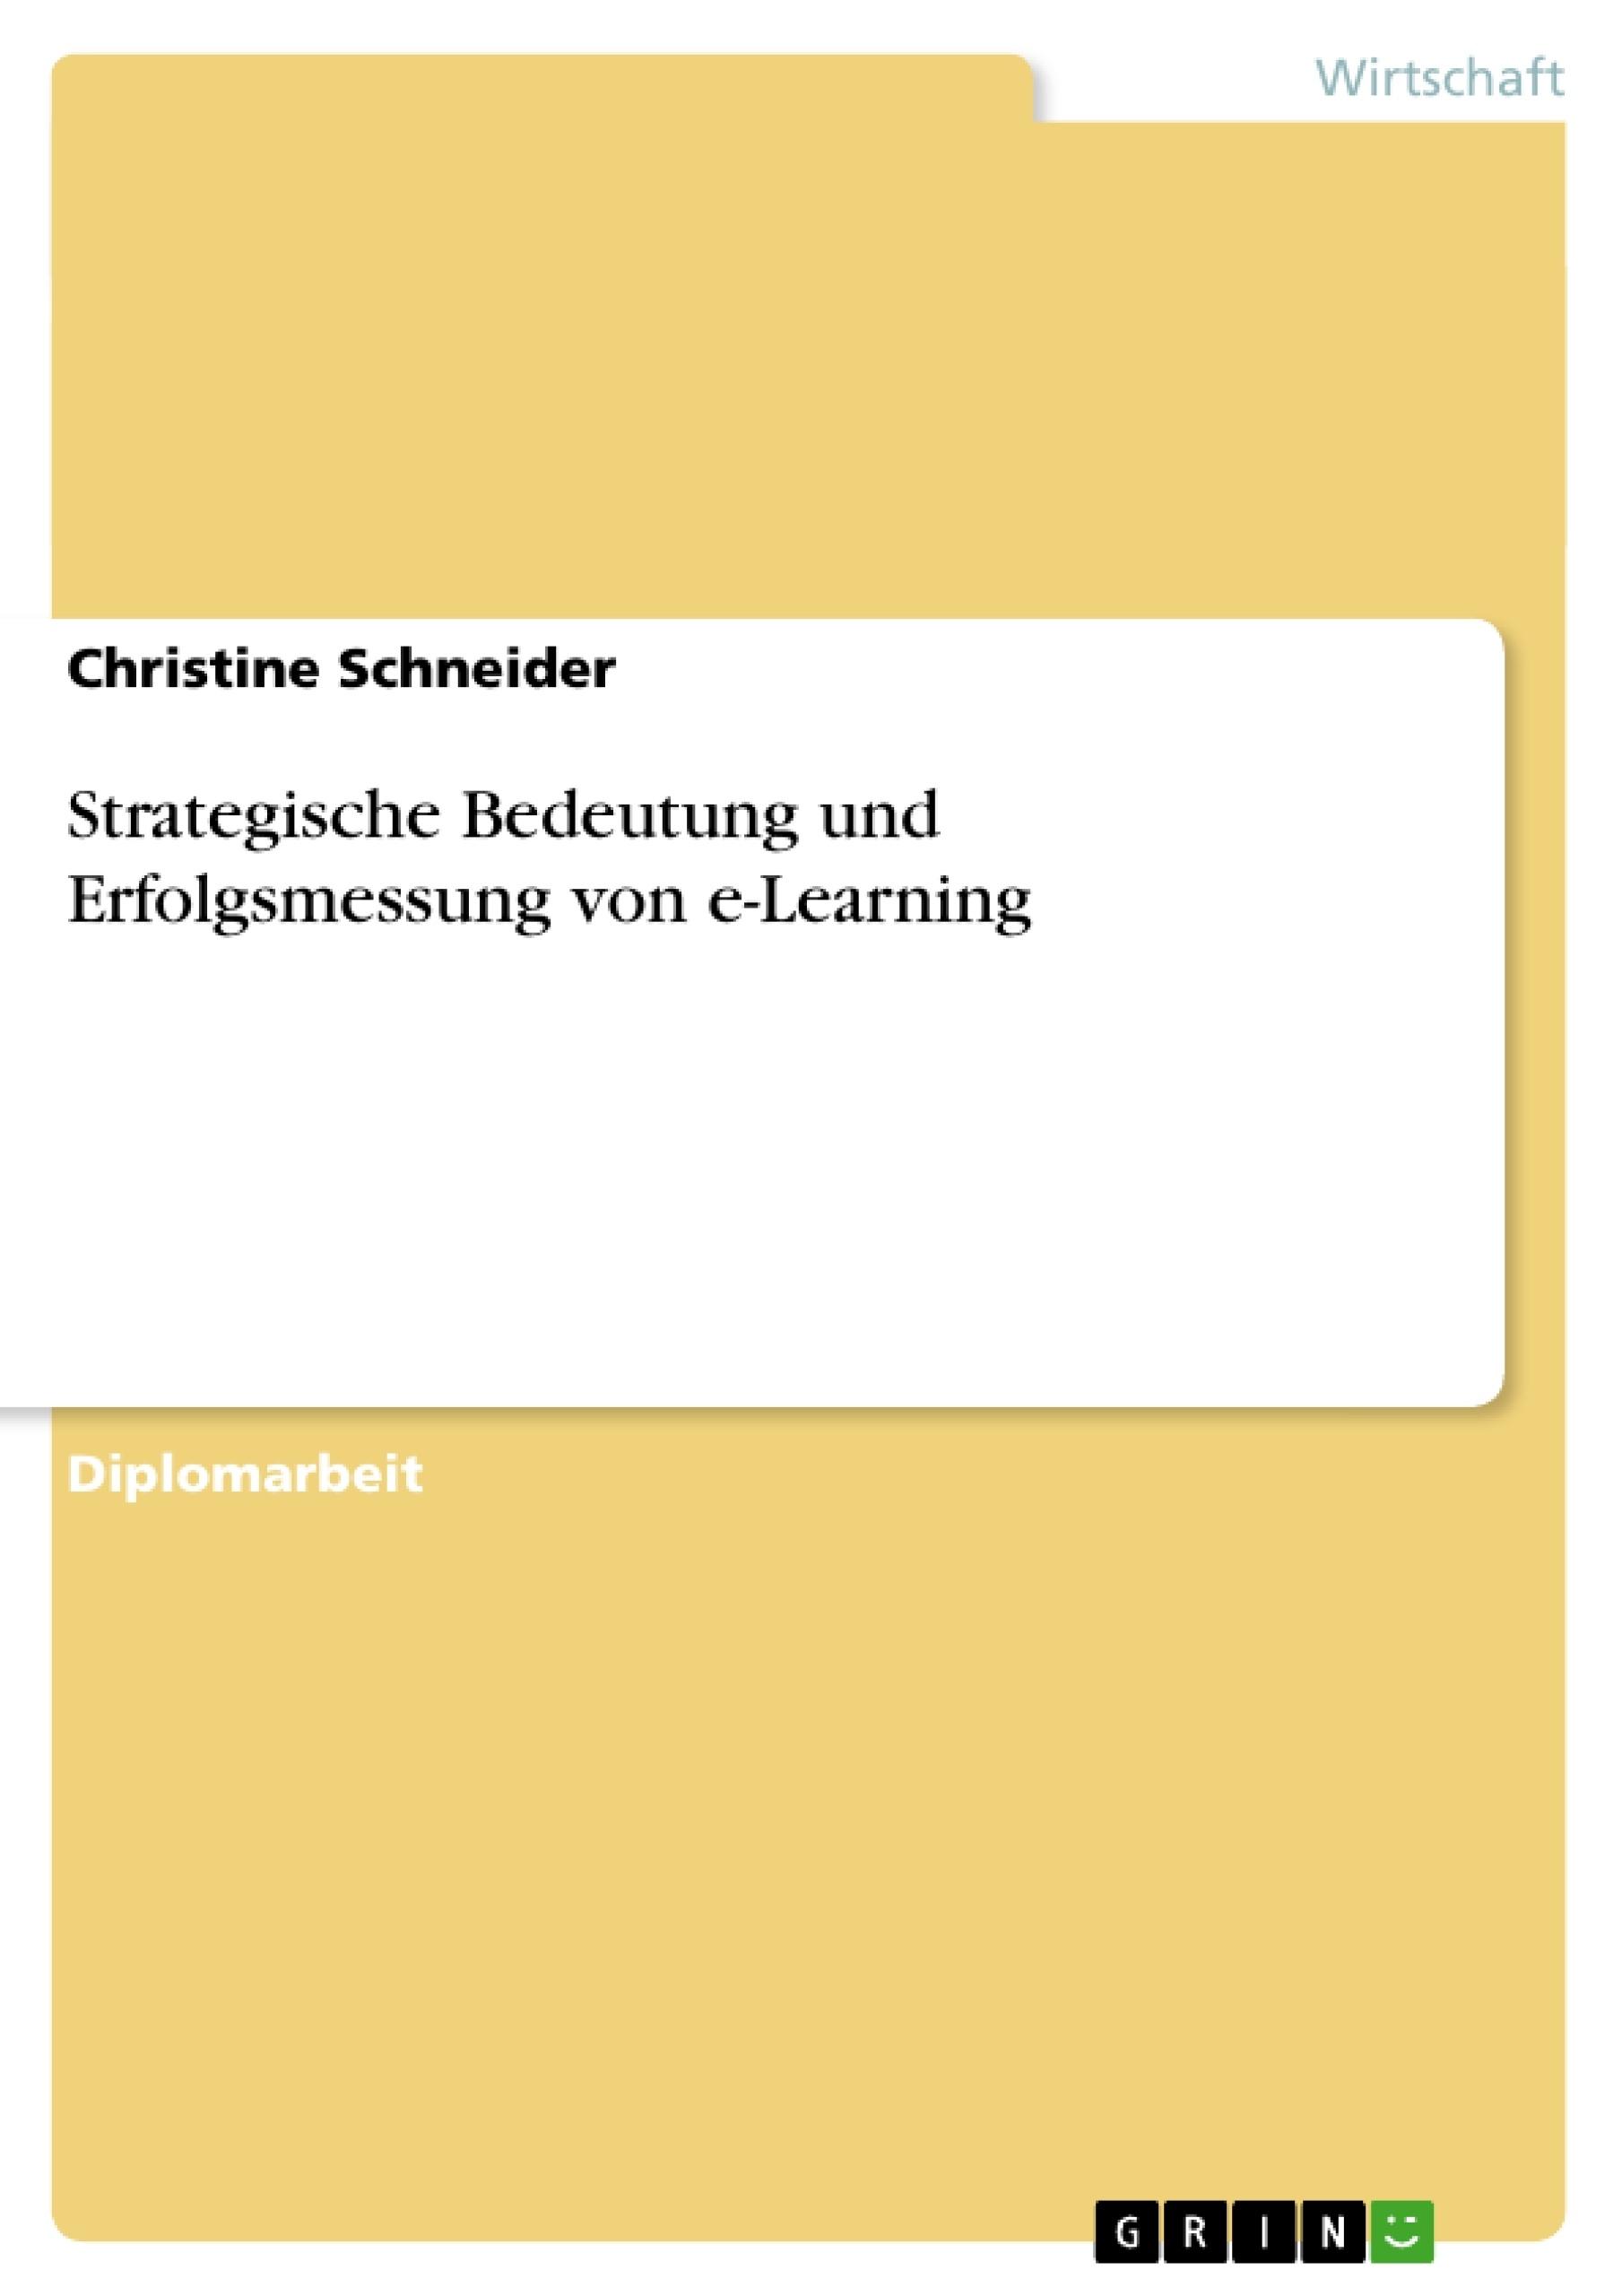 Titel: Strategische Bedeutung und Erfolgsmessung von e-Learning